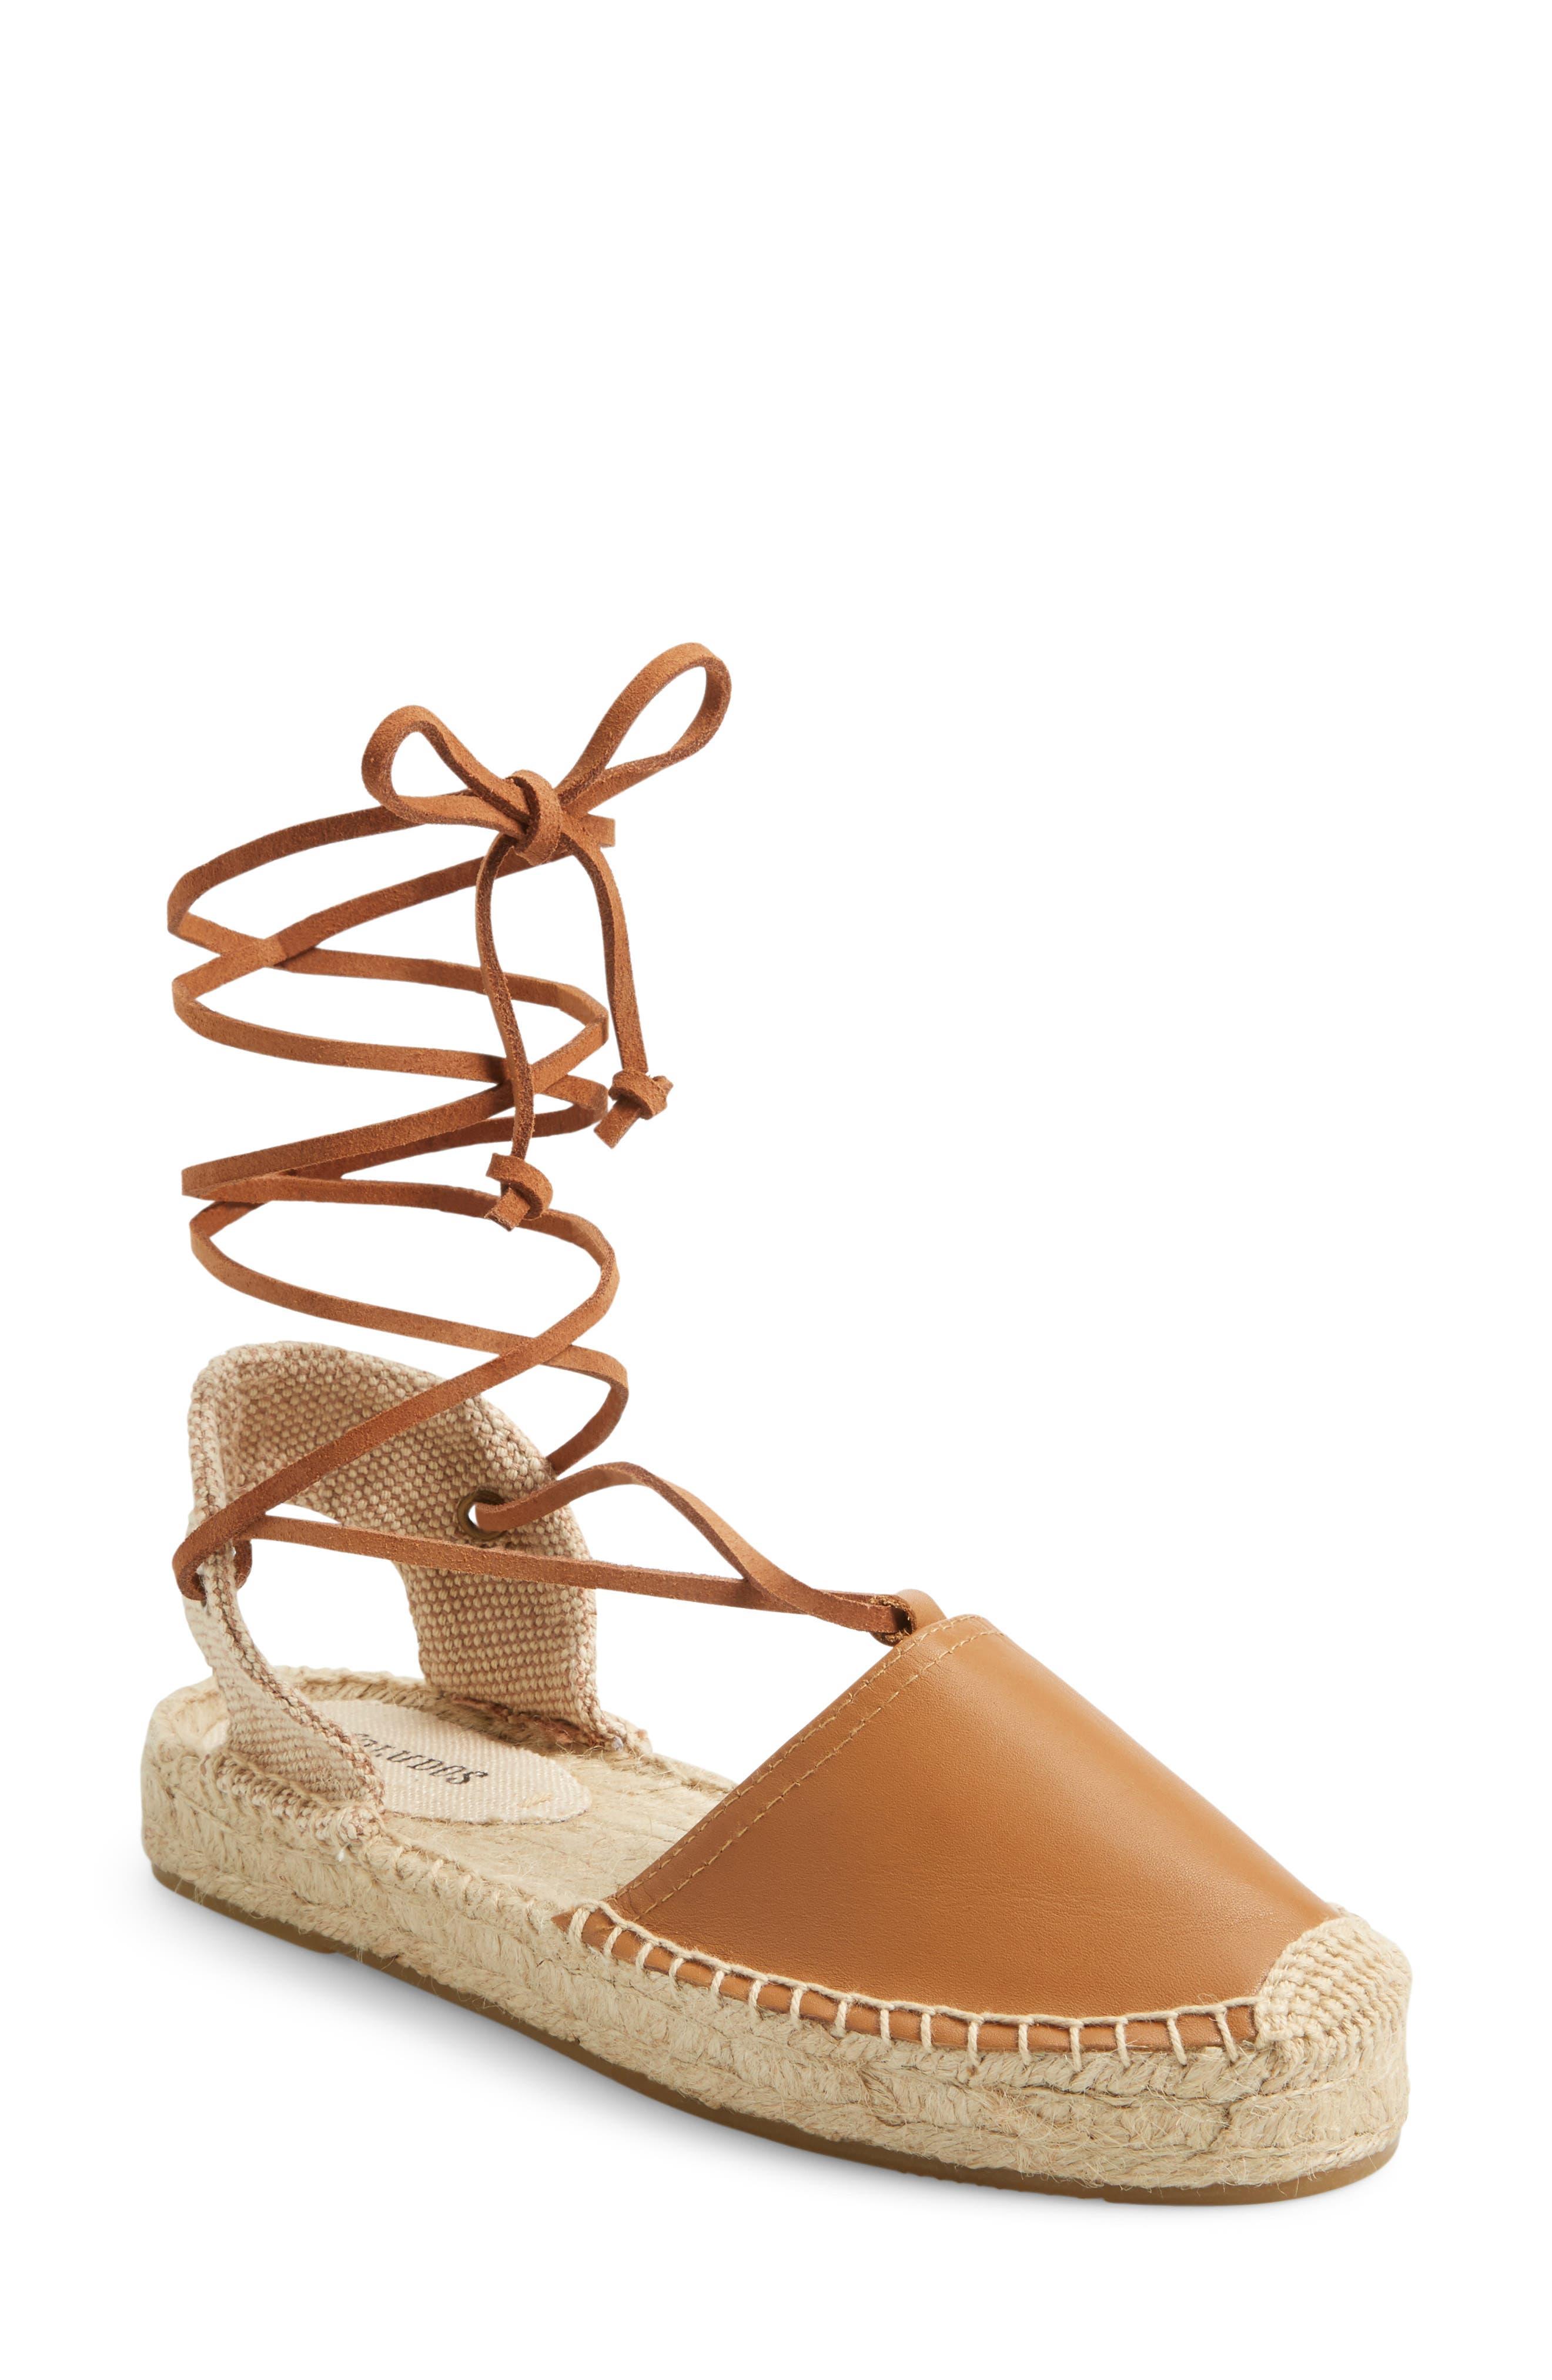 Main Image - Soludos Platform Sandal (Women)